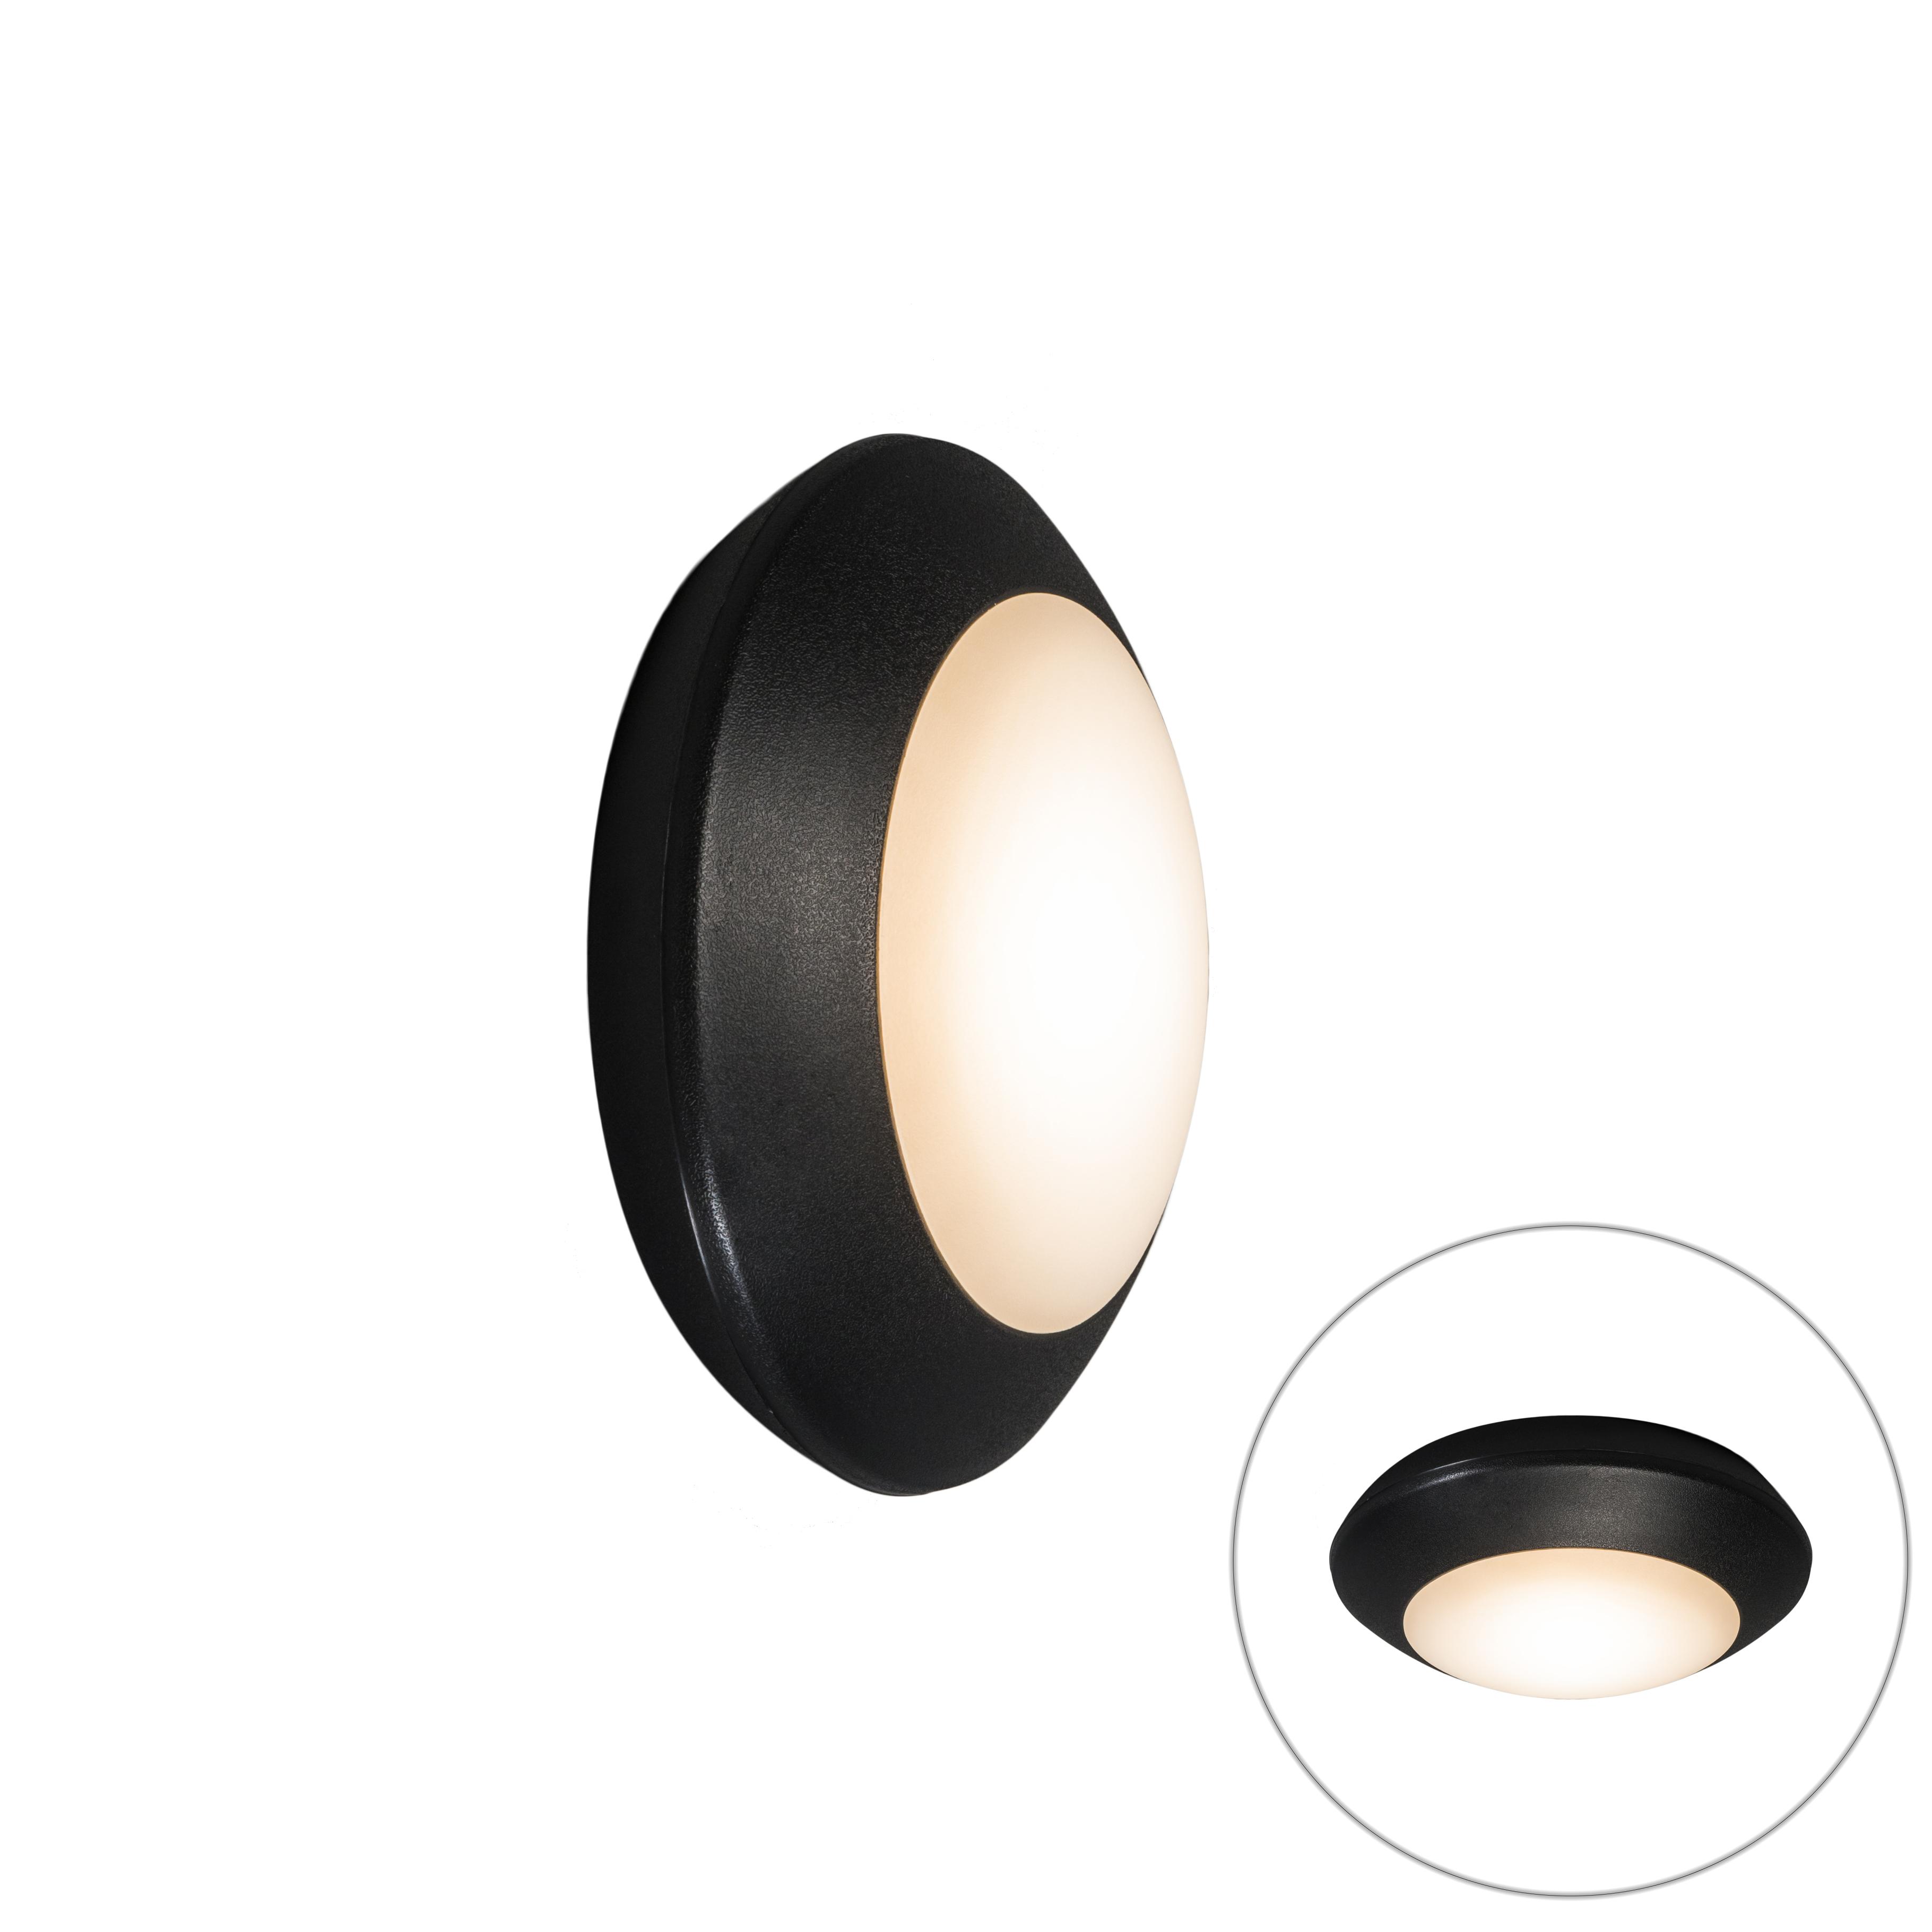 Wand- en plafondlamp Bertina rond zwart